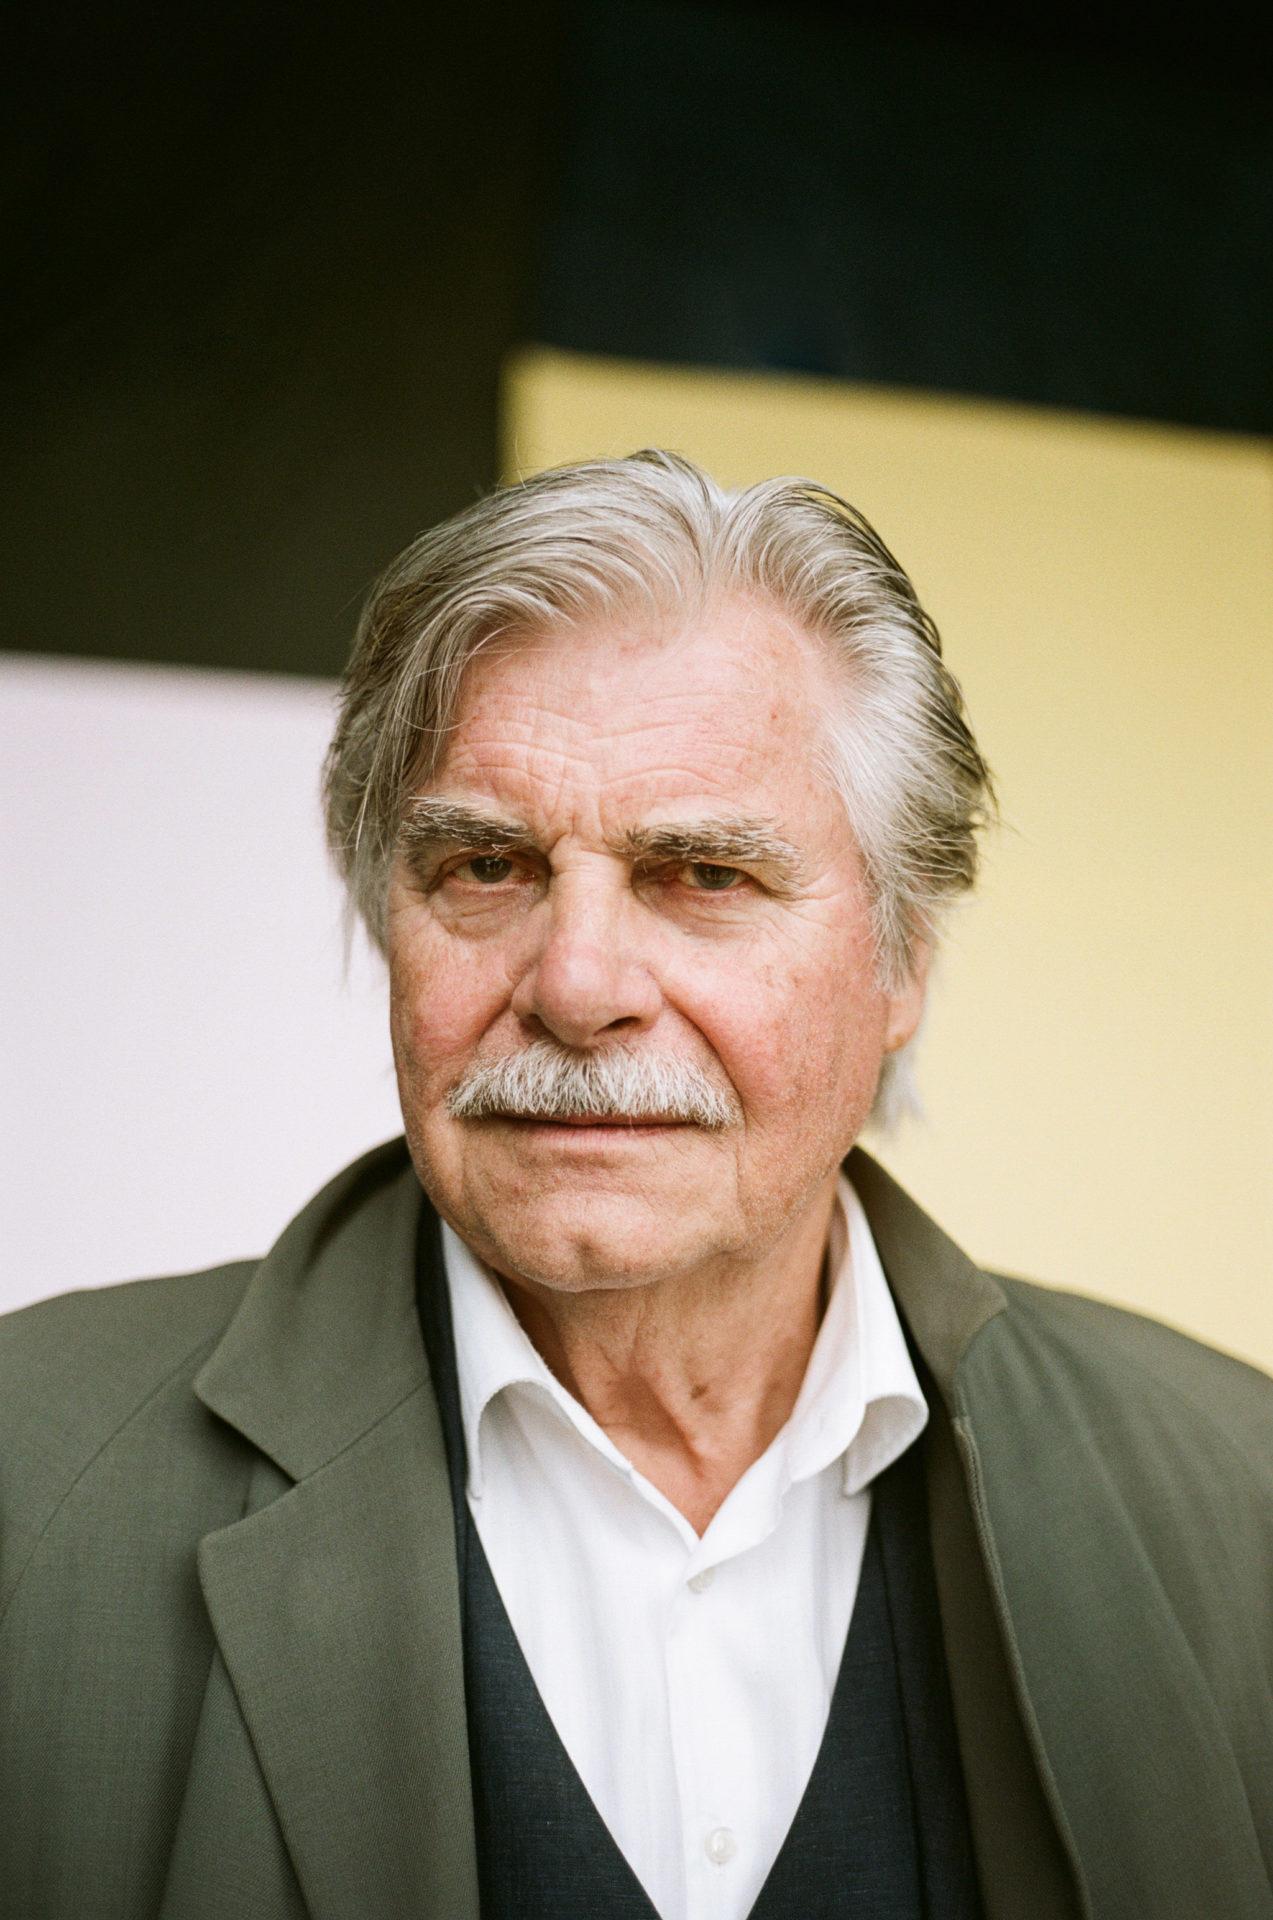 Peter Simonischek über Unterhaltung und Erkenntnis im Theater